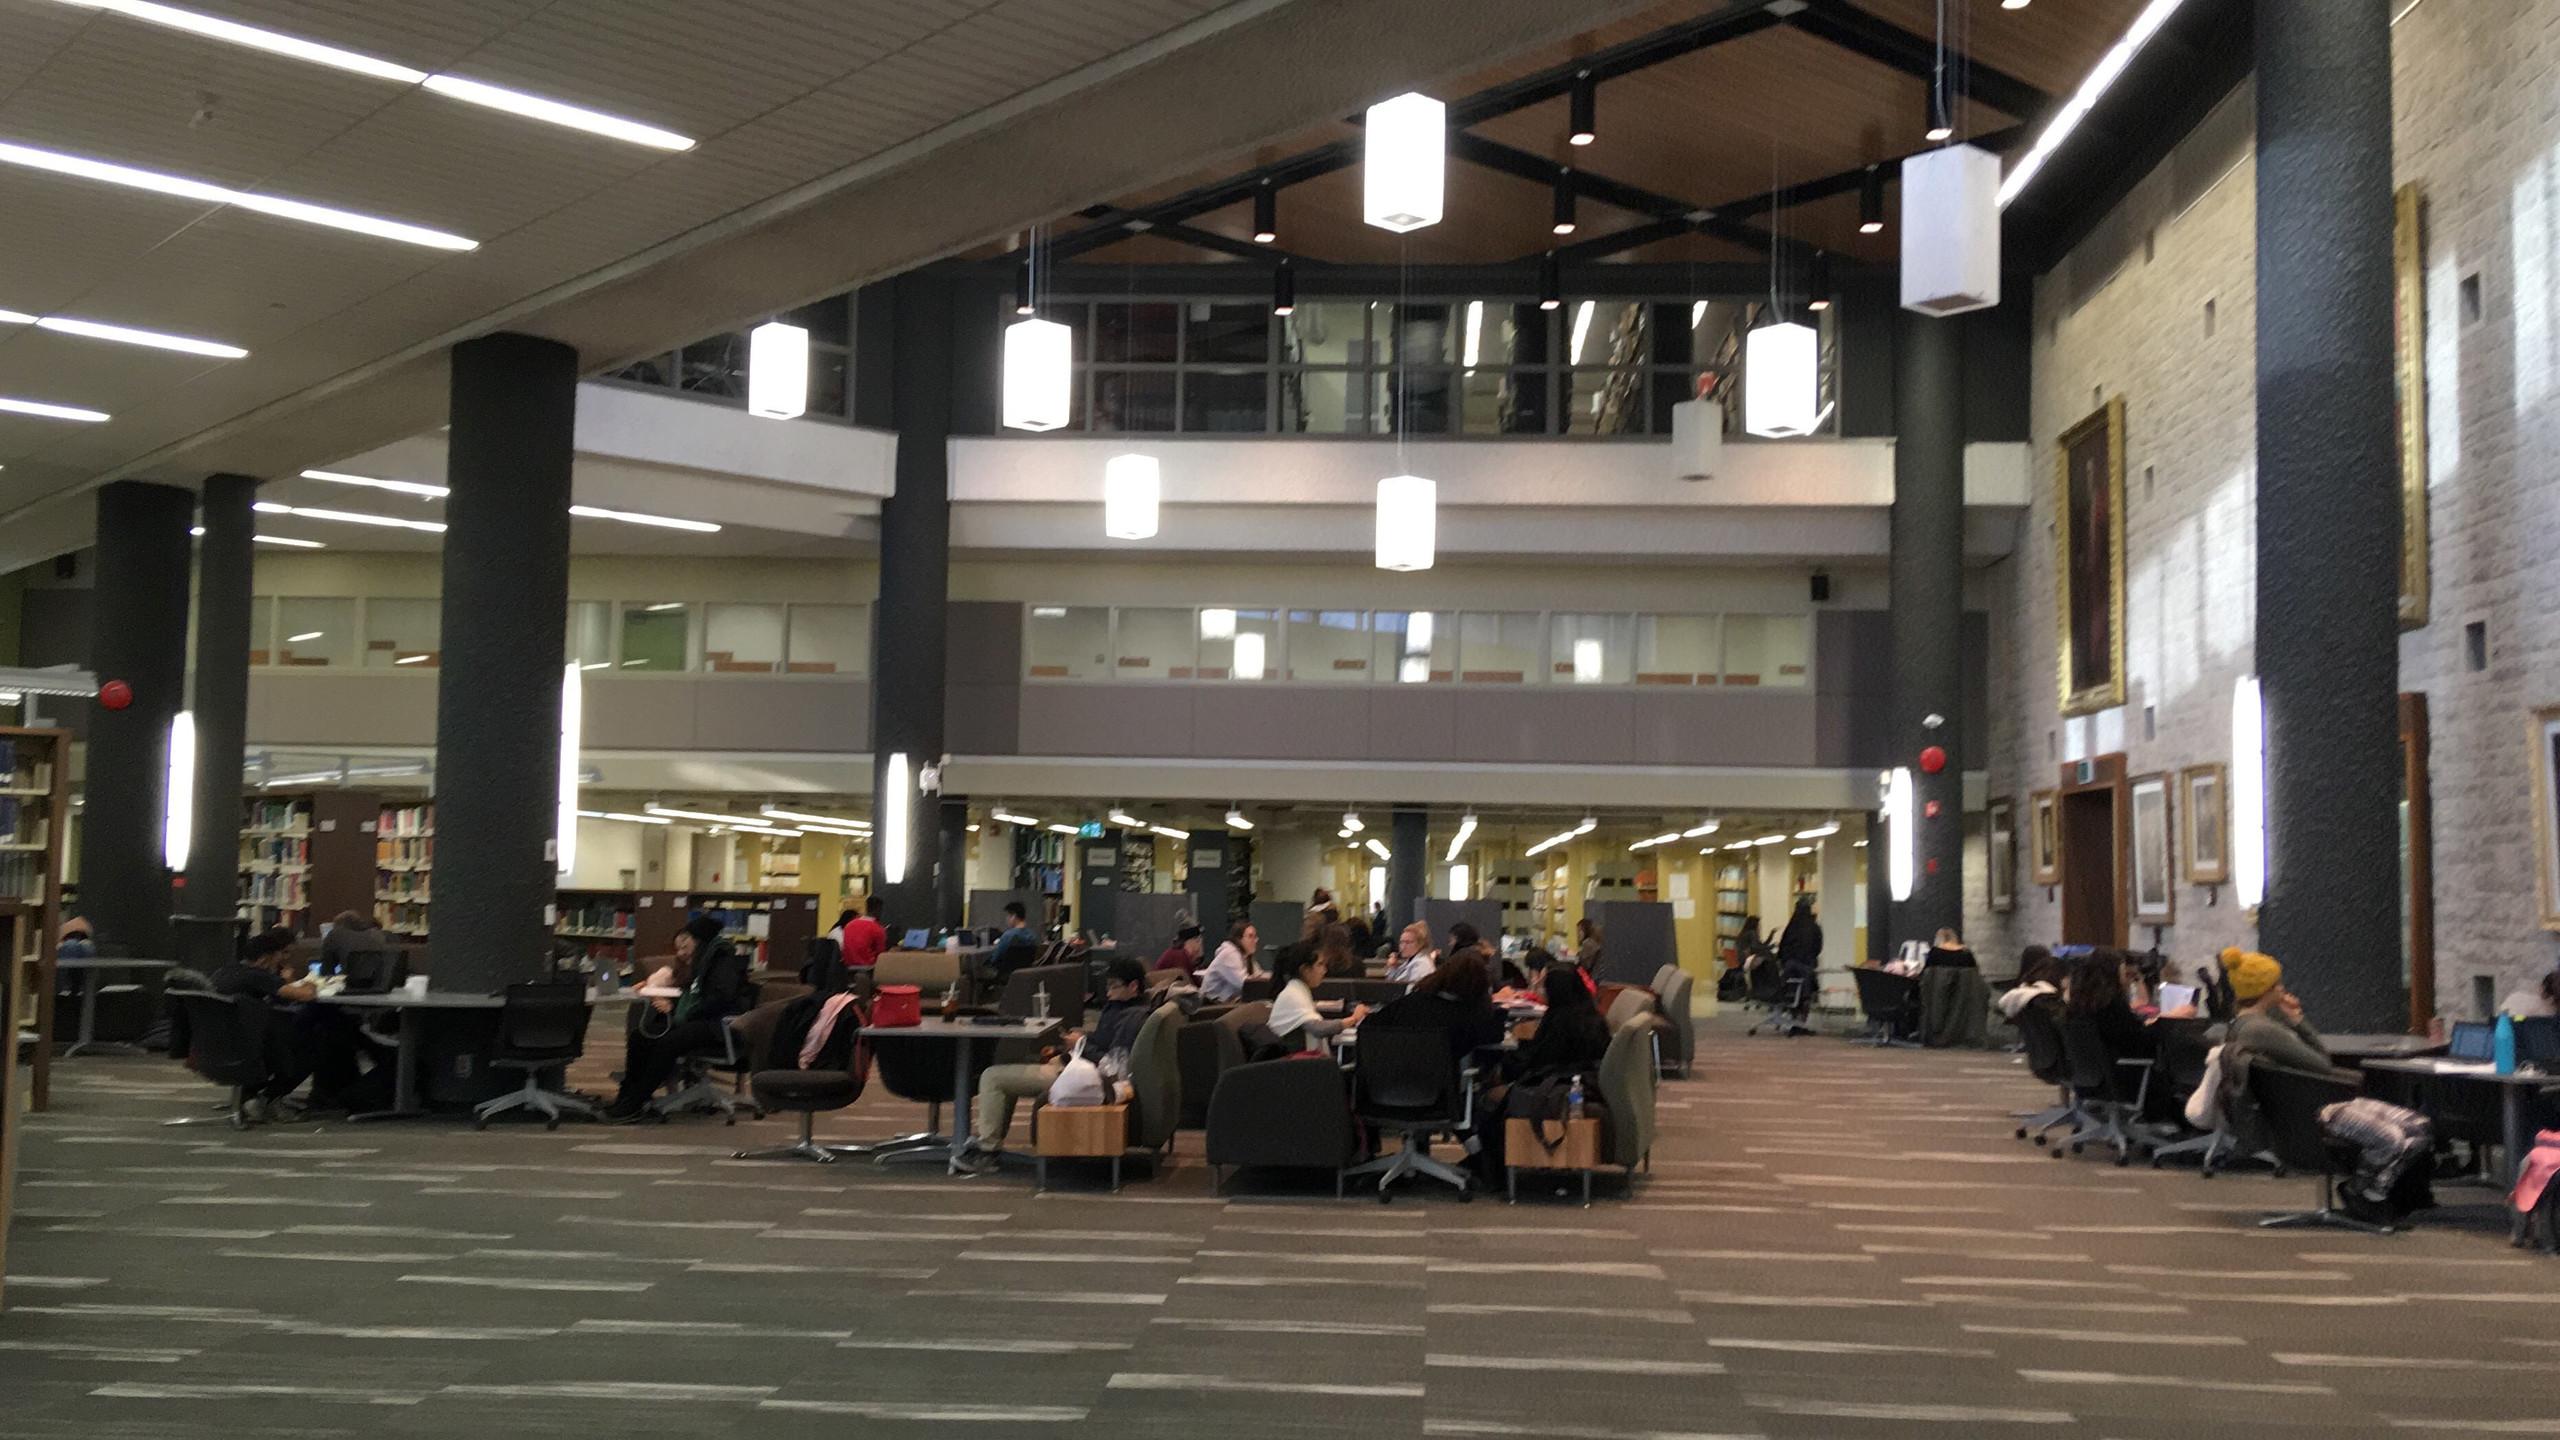 De koffiebar in de bibliotheek